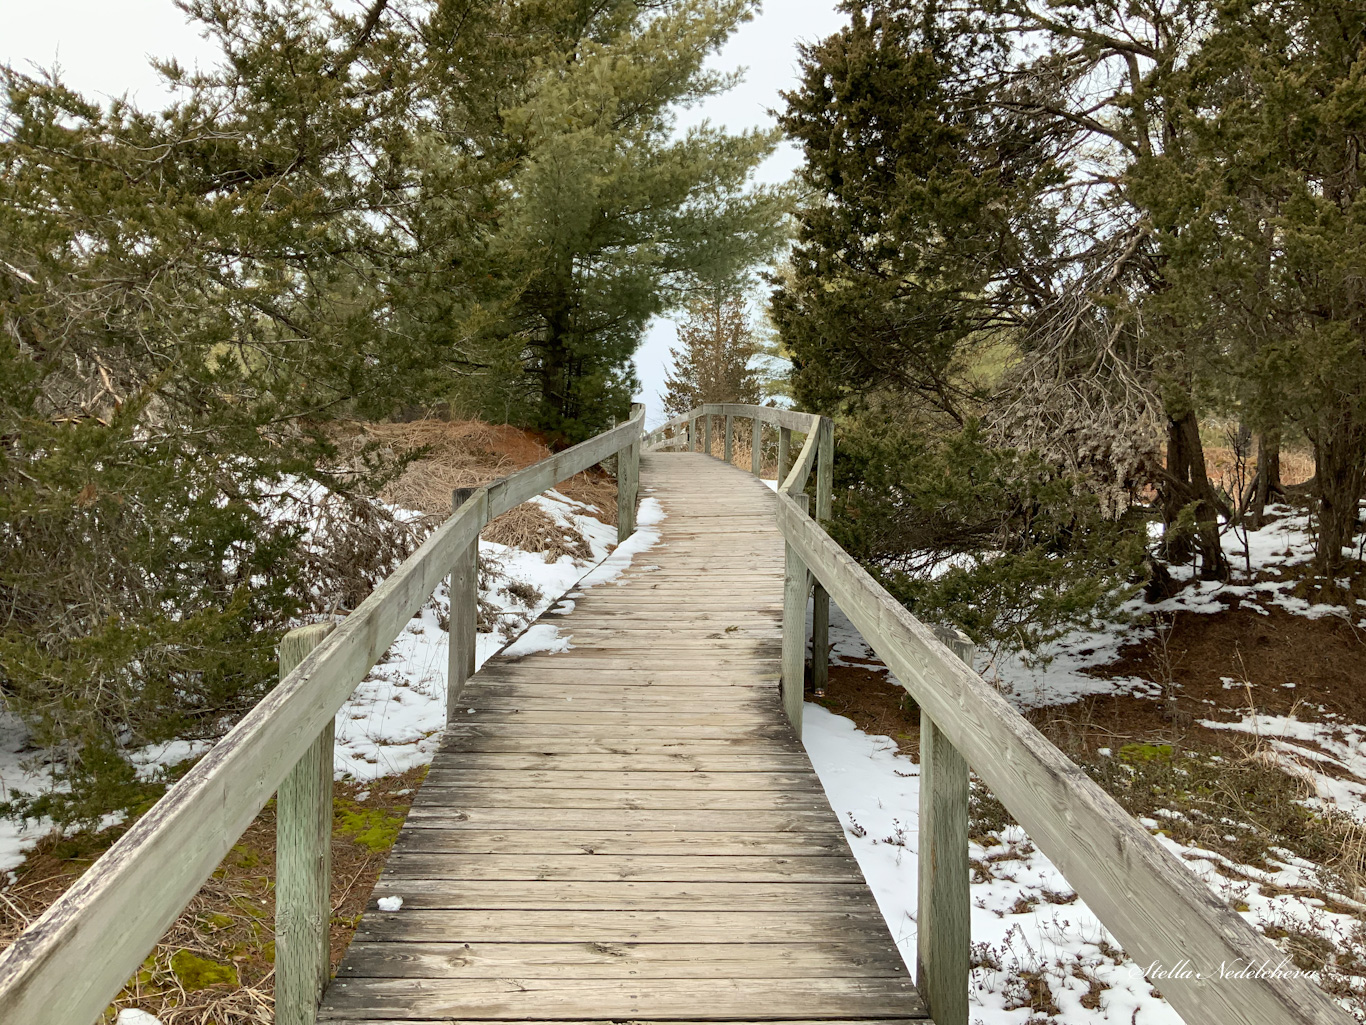 Passerelle en bois dans la forêt canadienne se perdant dans l'horizon